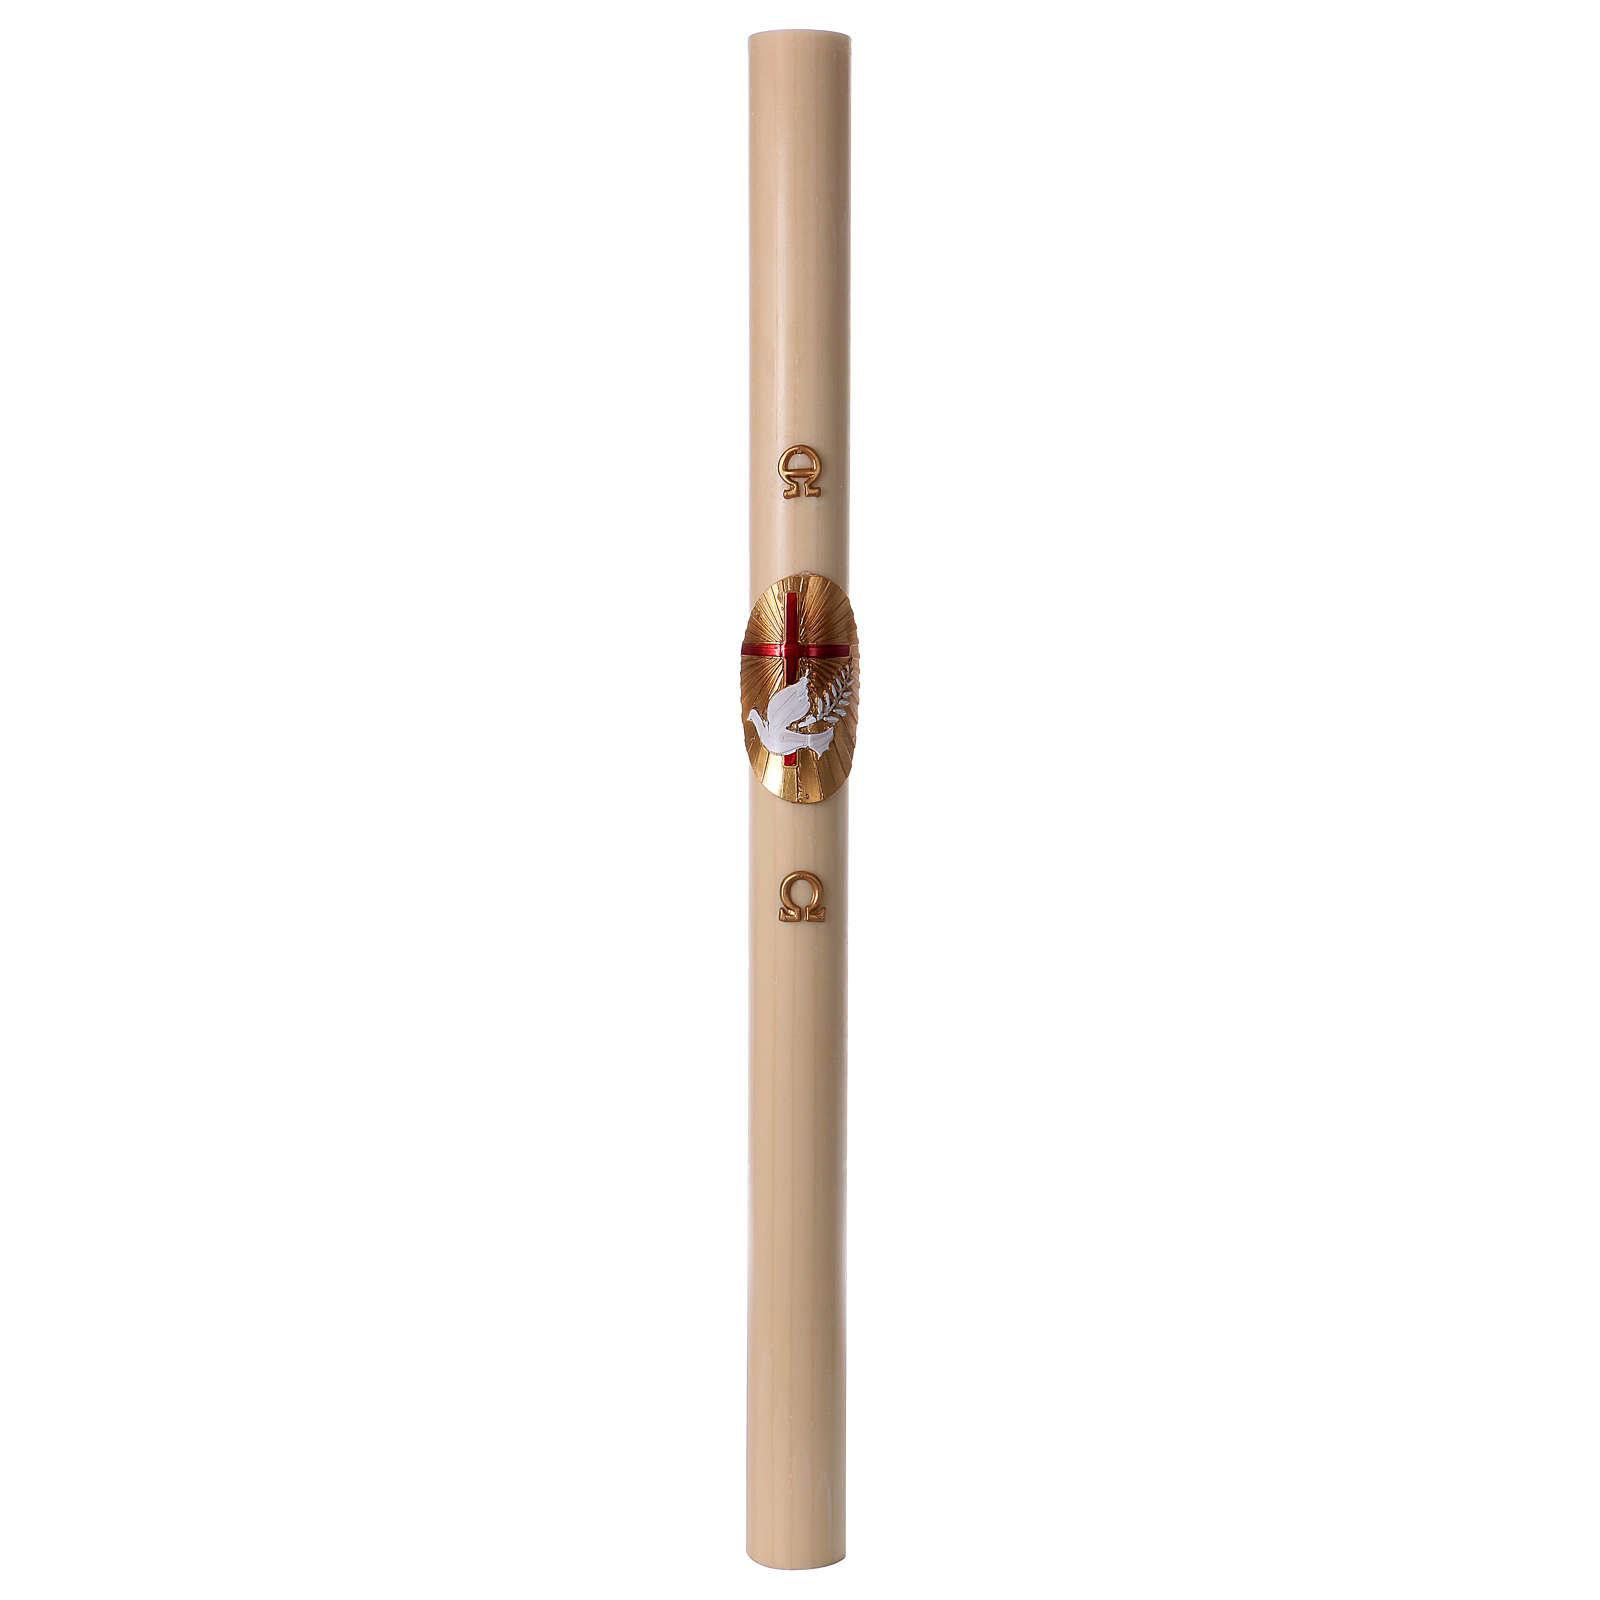 Cero pasquale cera d'api Croce e Colomba Rosso 8x120 cm 3